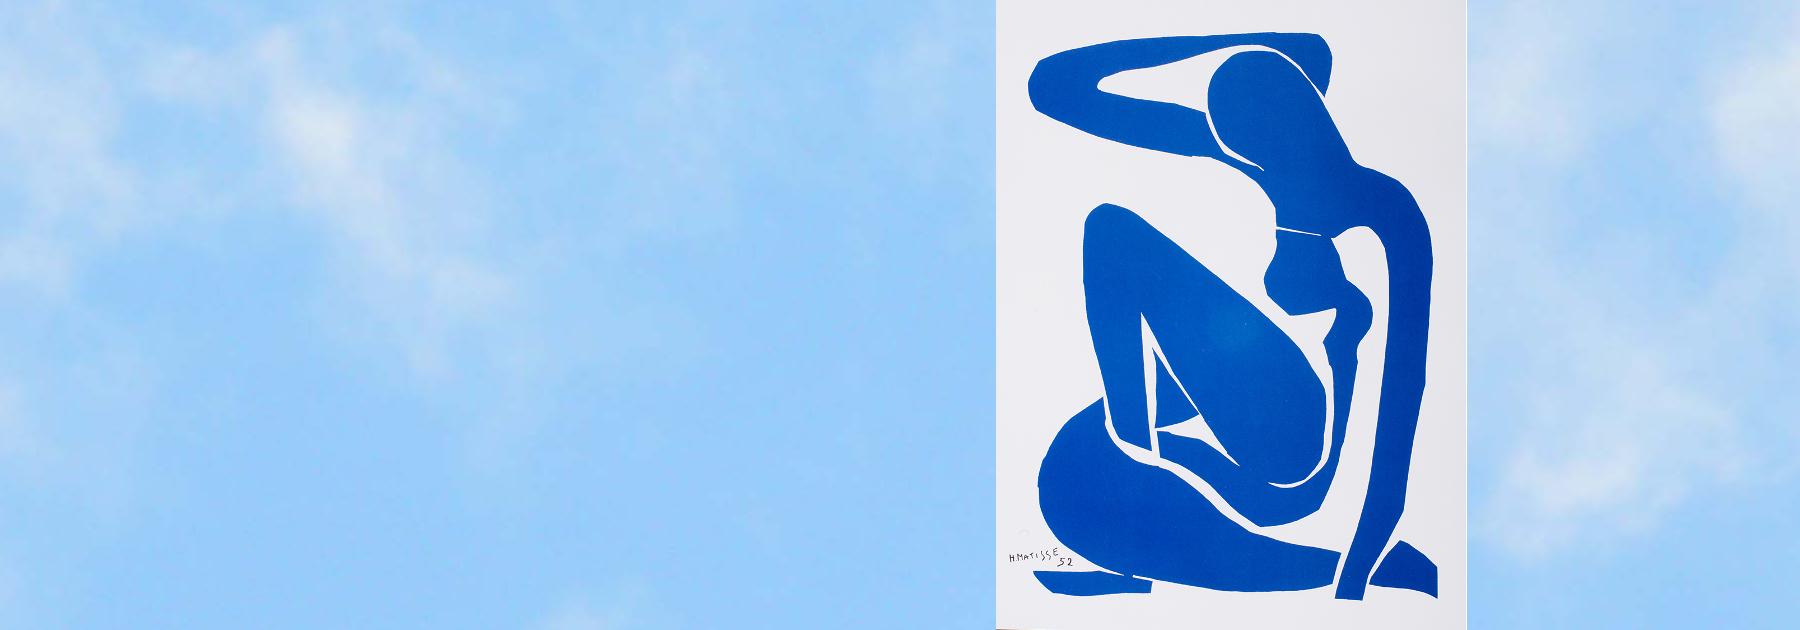 Matisse background